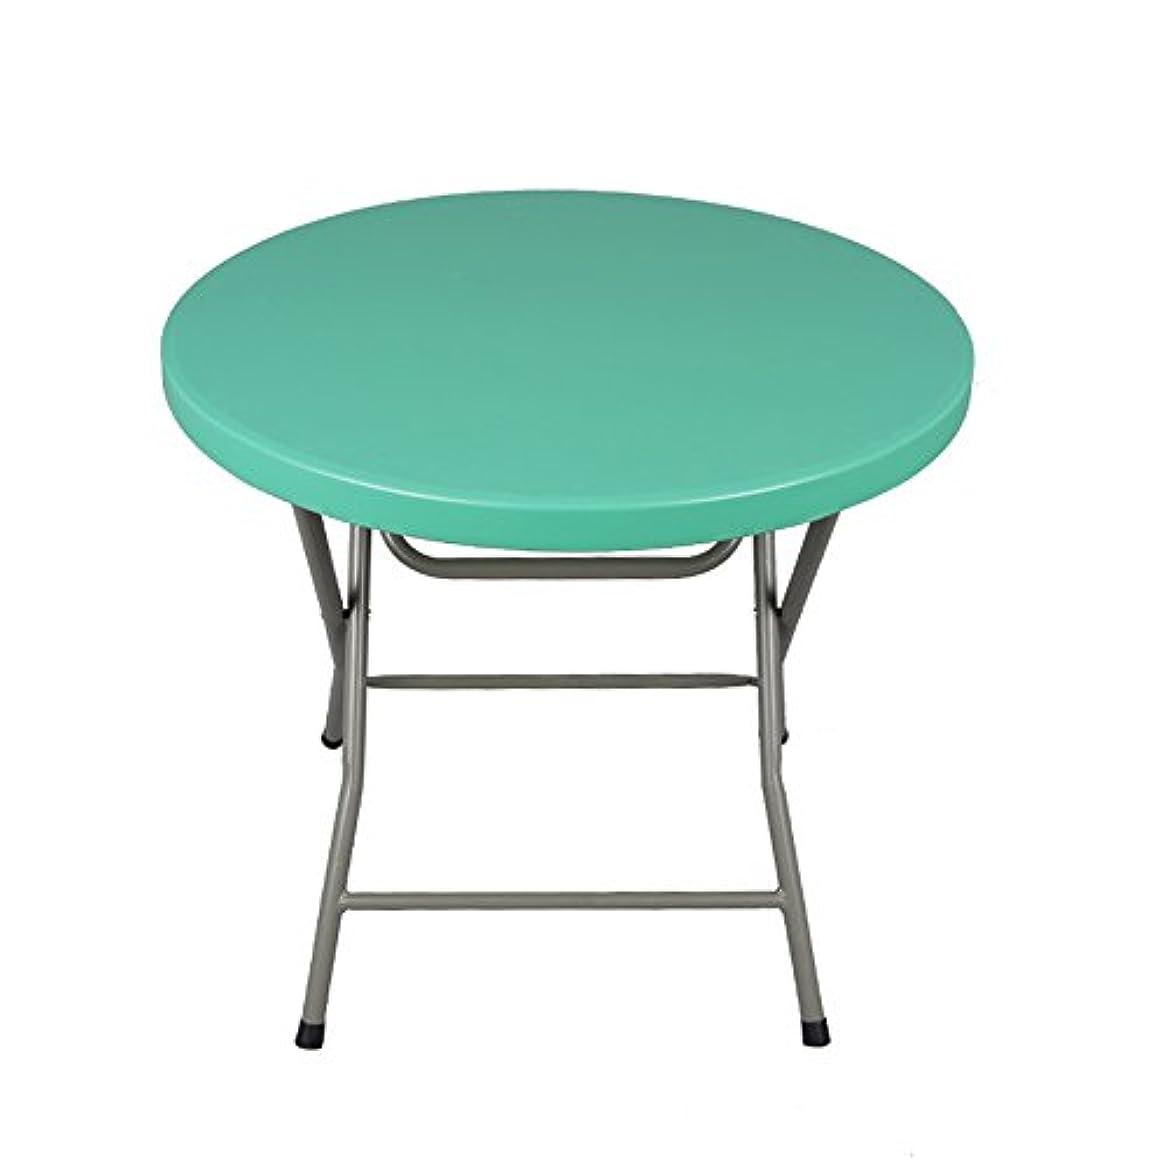 帳面生きている広まったLJHA zhuozi 折りたたみダイニングテーブルラウンドダイニングテーブル簡単なディナーテーブル4色80 * 74センチメートル (色 : C)